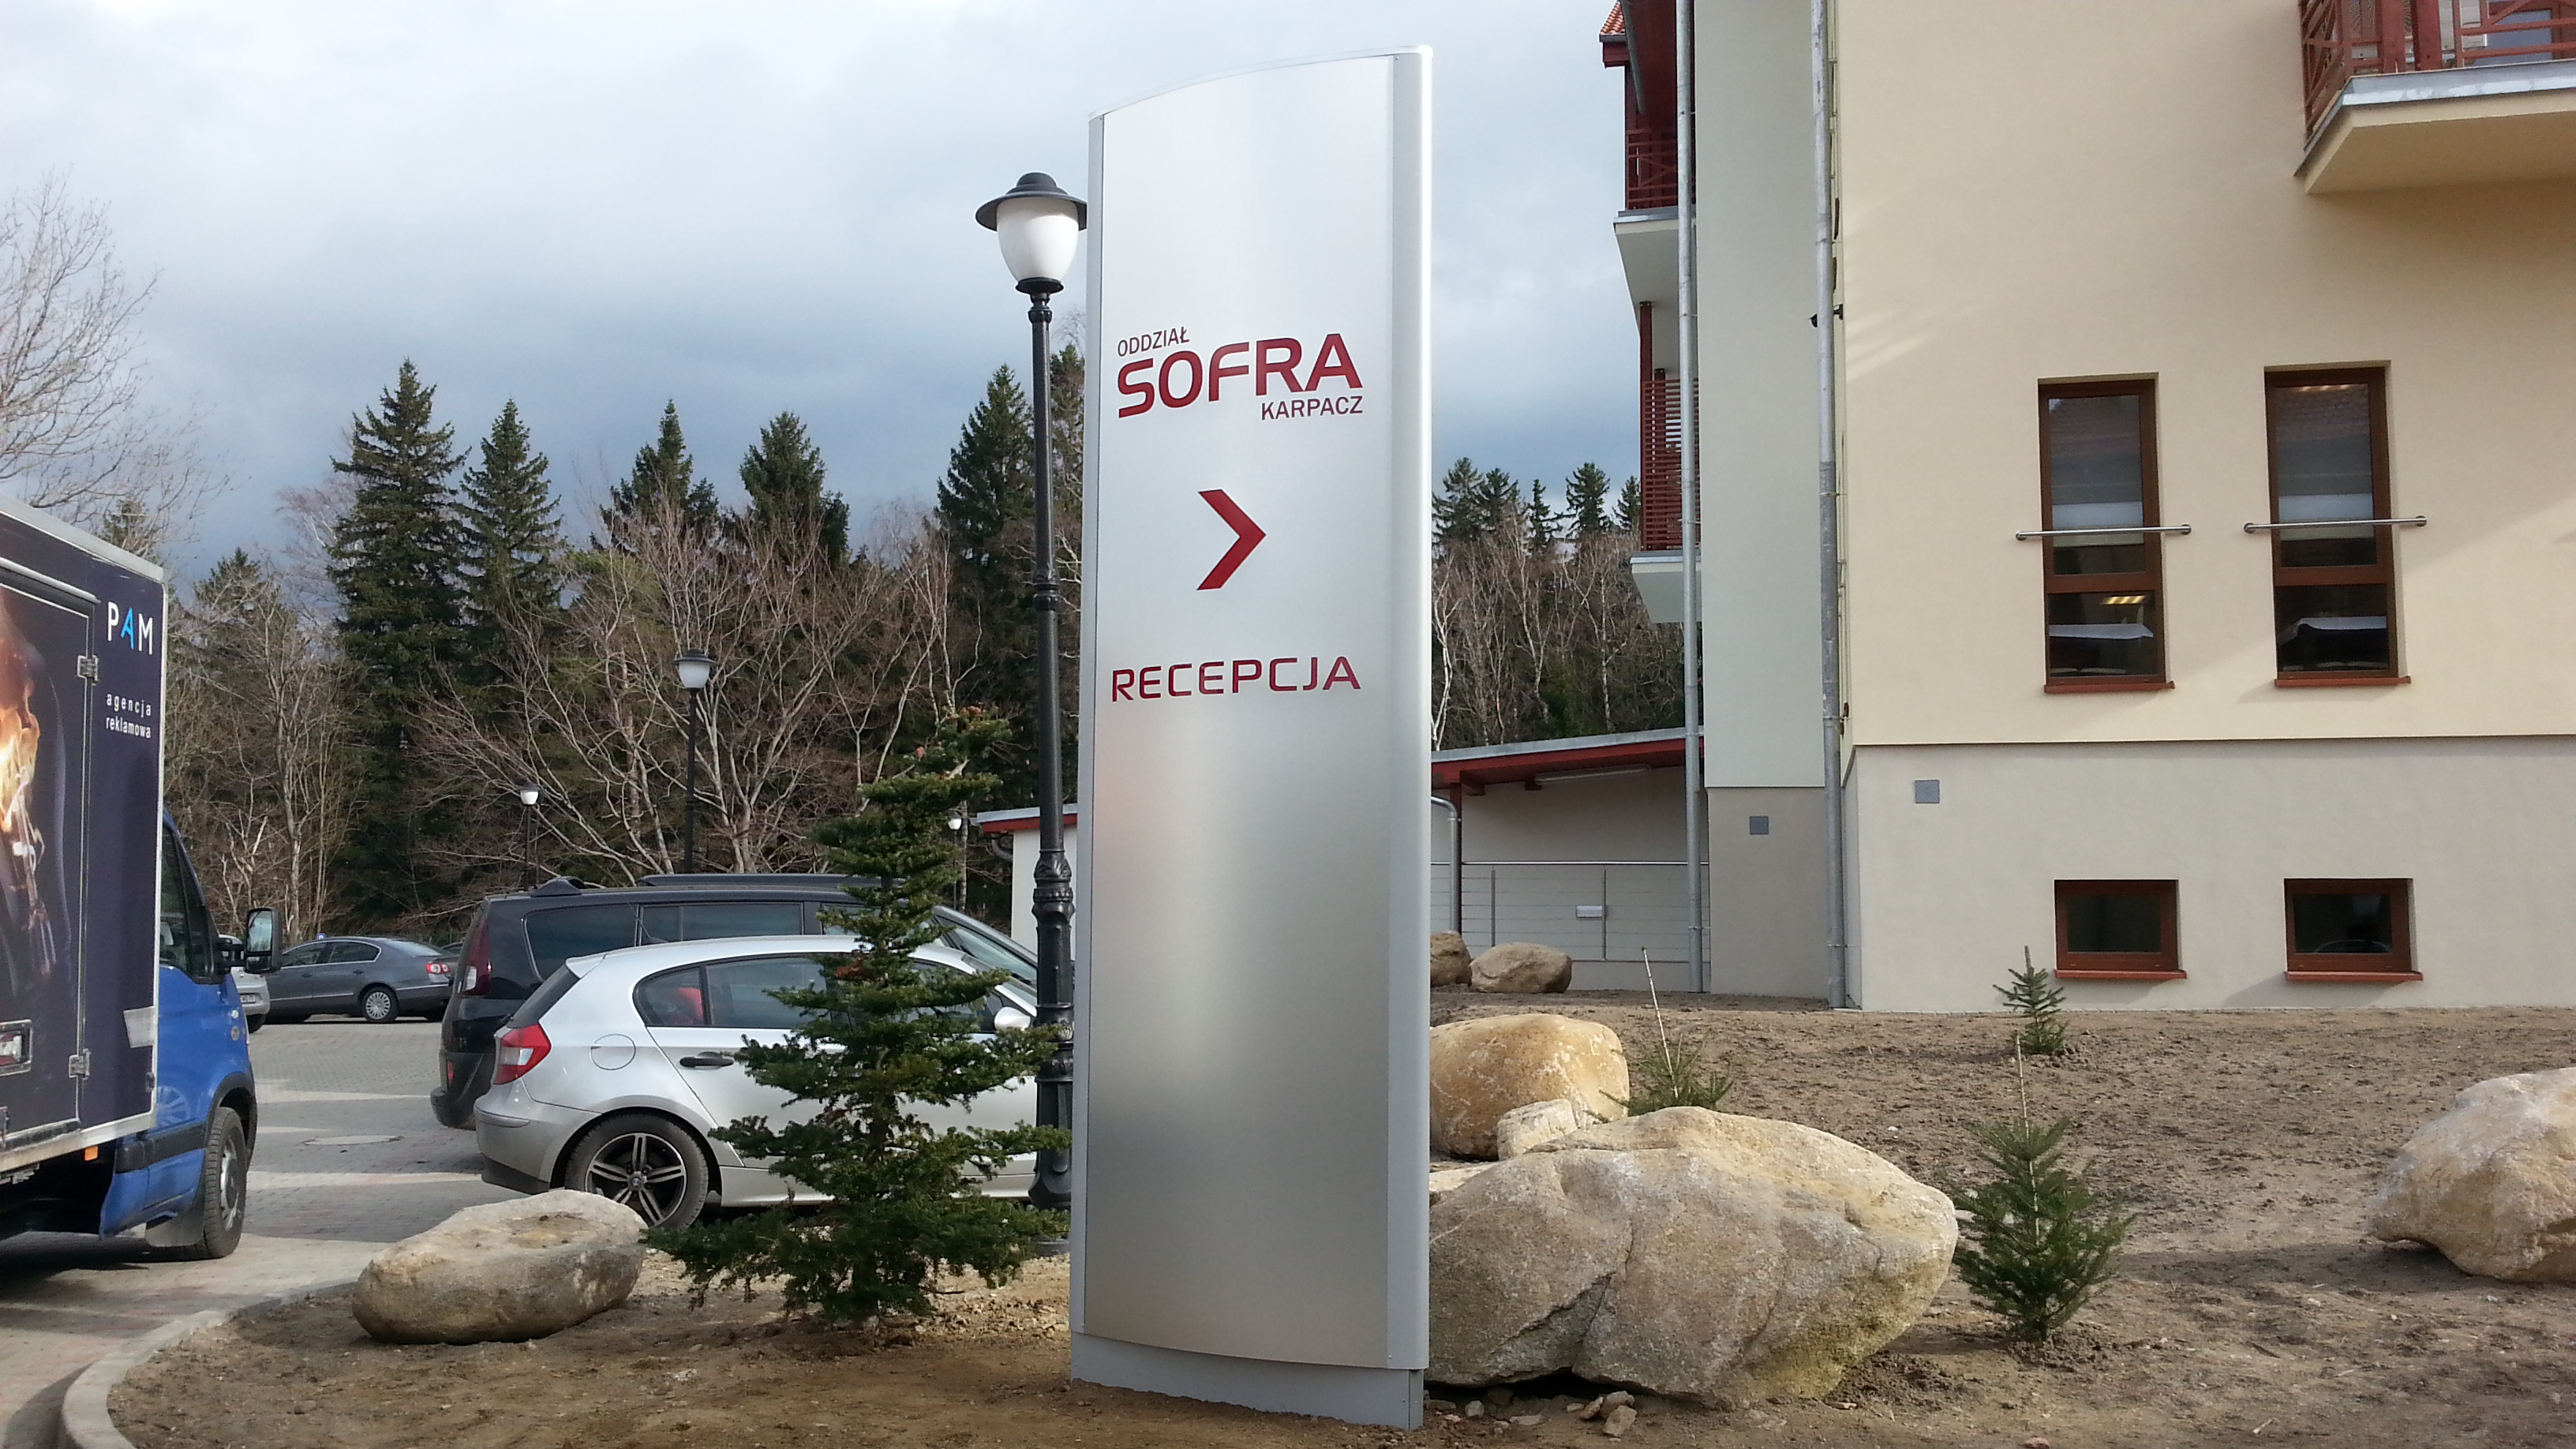 Pylon reklamowy Sofra